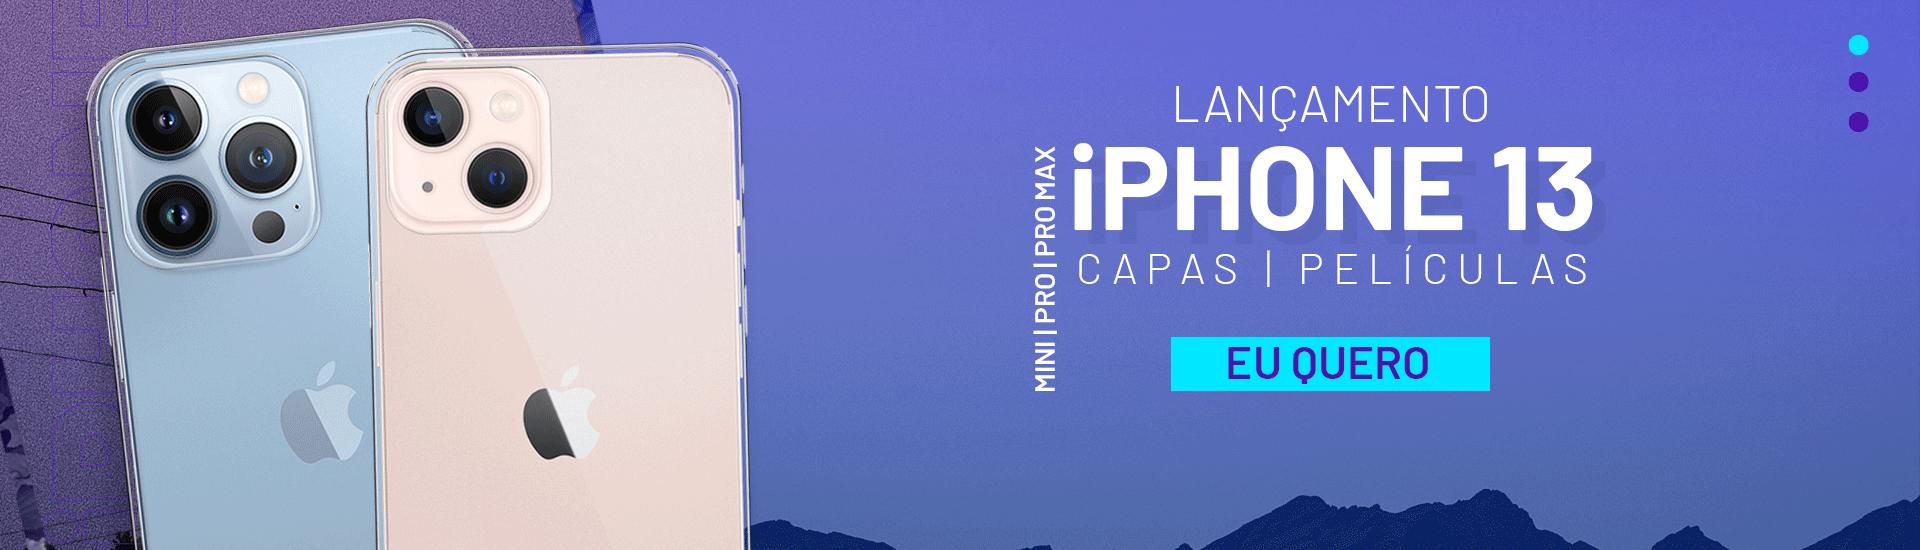 02 Banner Capas iPhone13 | Desktop 1920x550